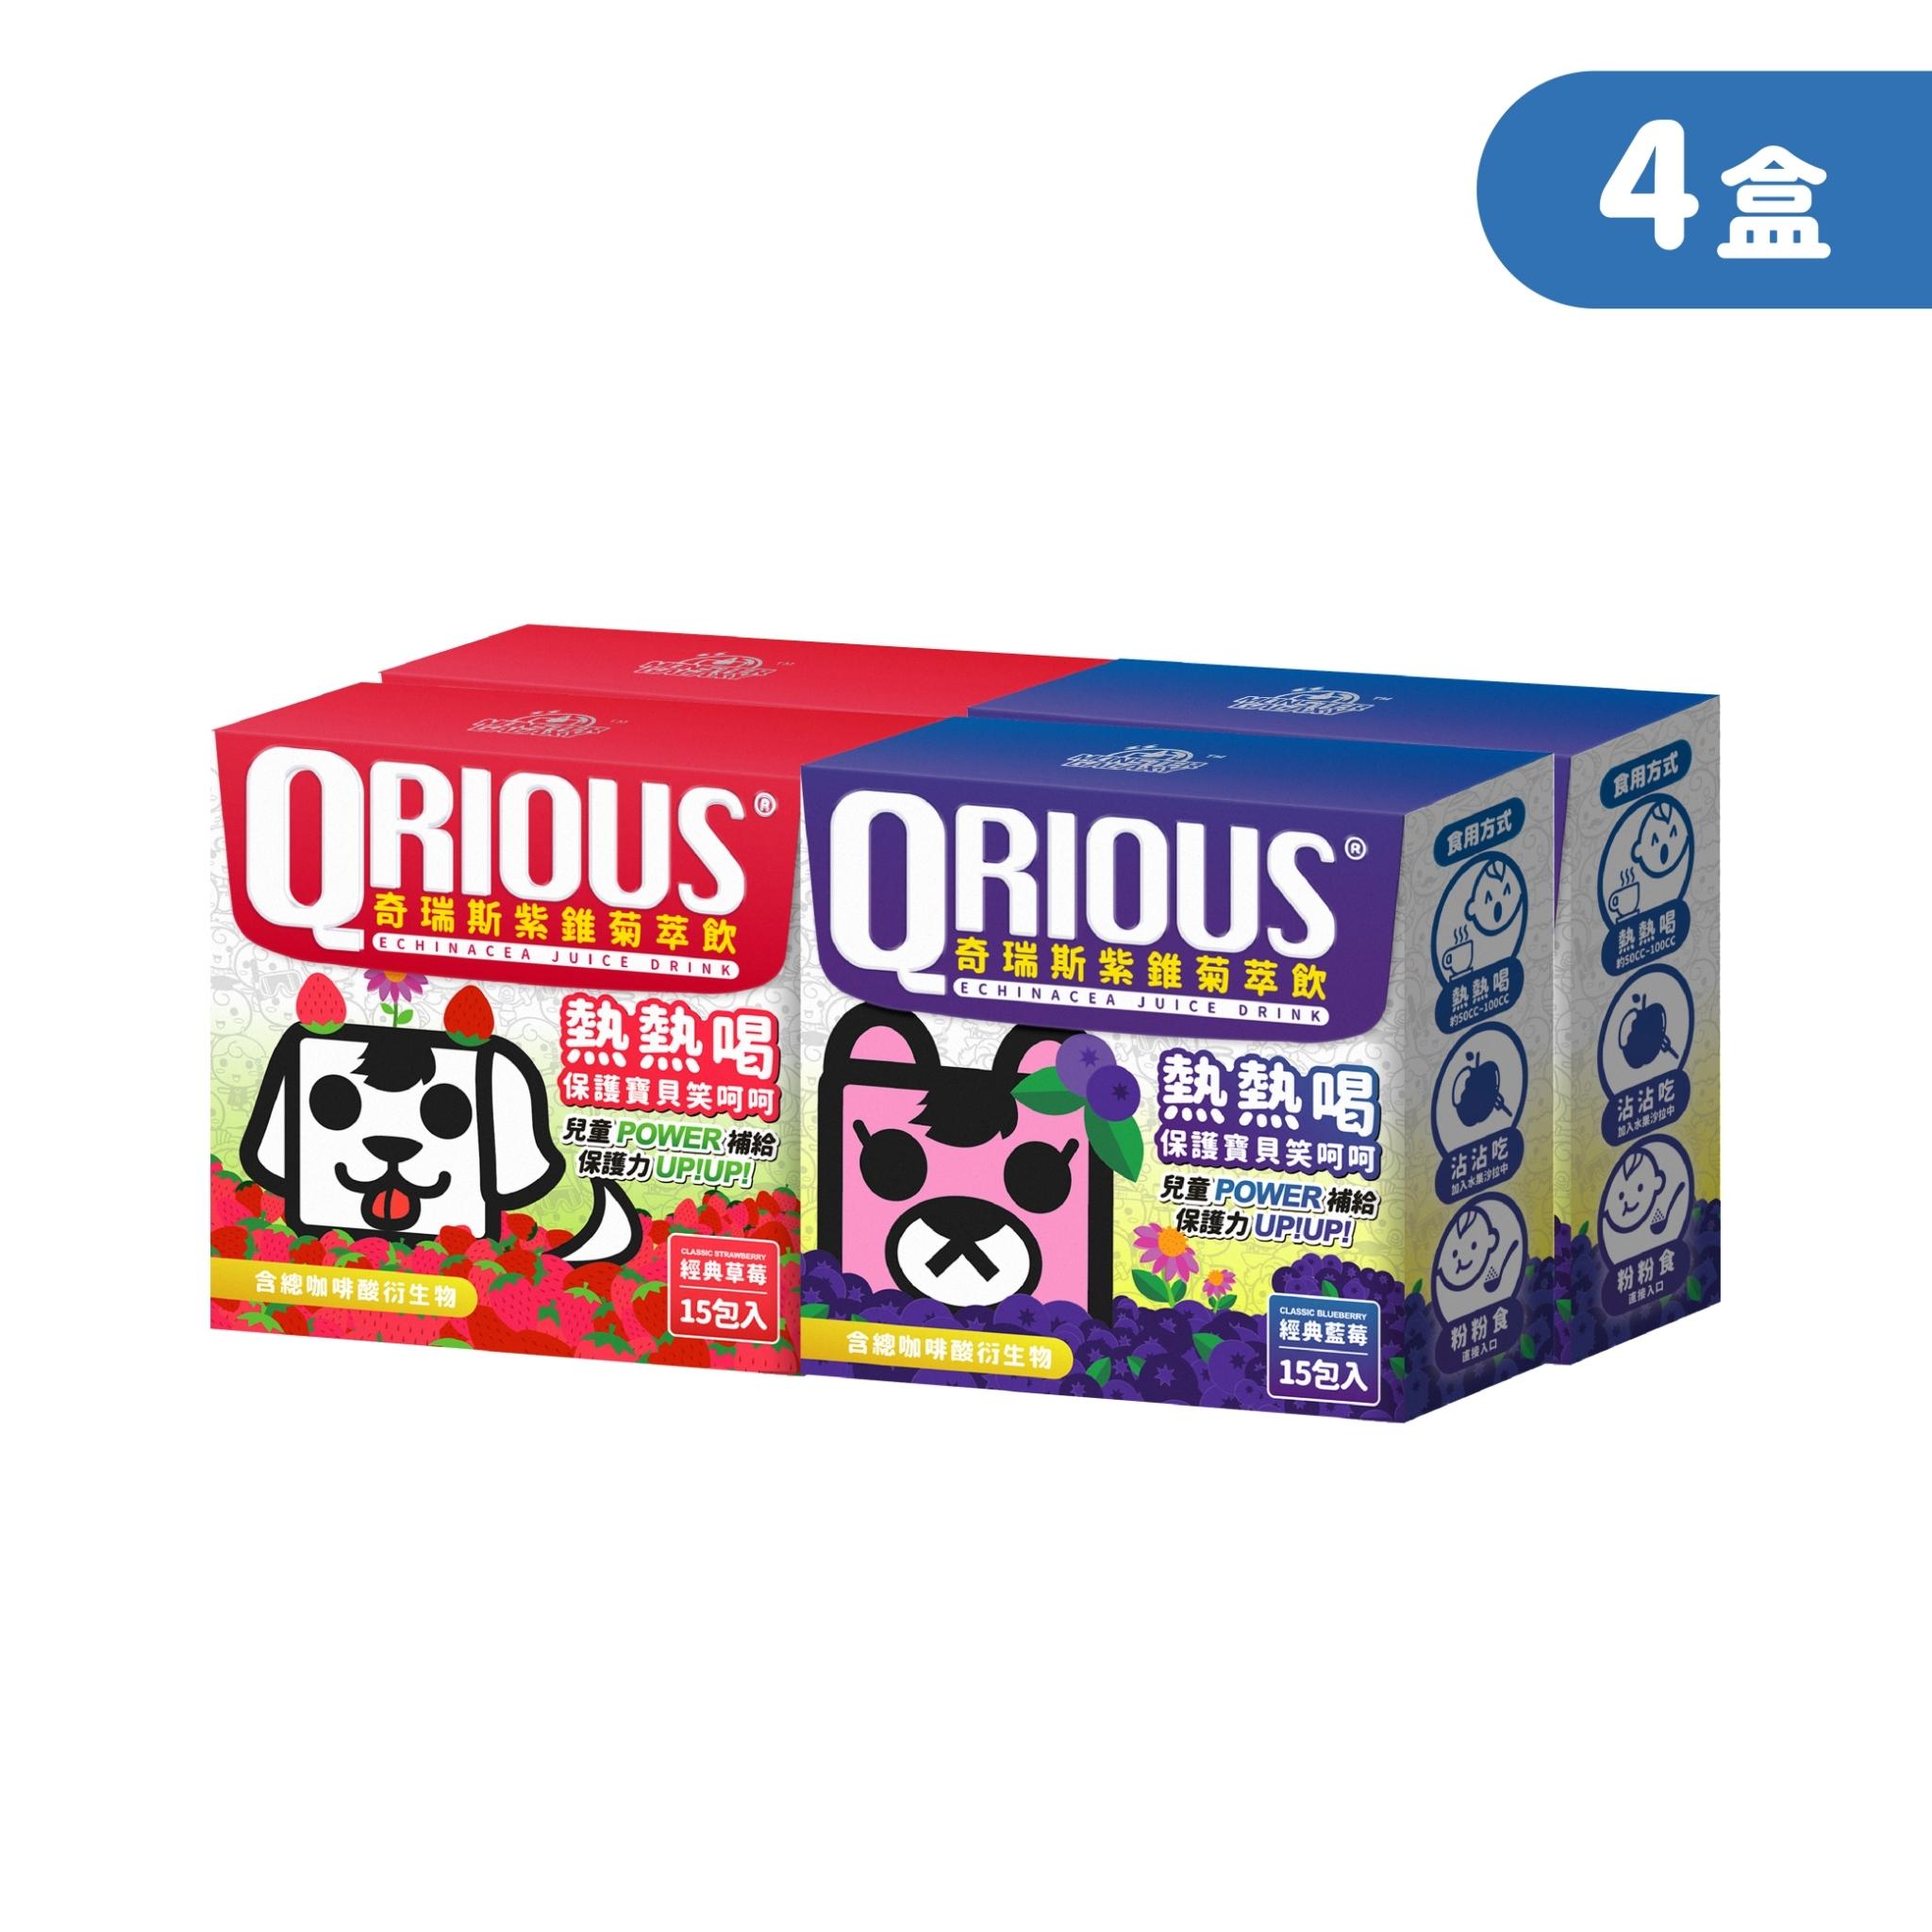 【提升保護力】QRIOUS®奇瑞斯紫錐菊萃飲-草莓+藍莓(4盒)